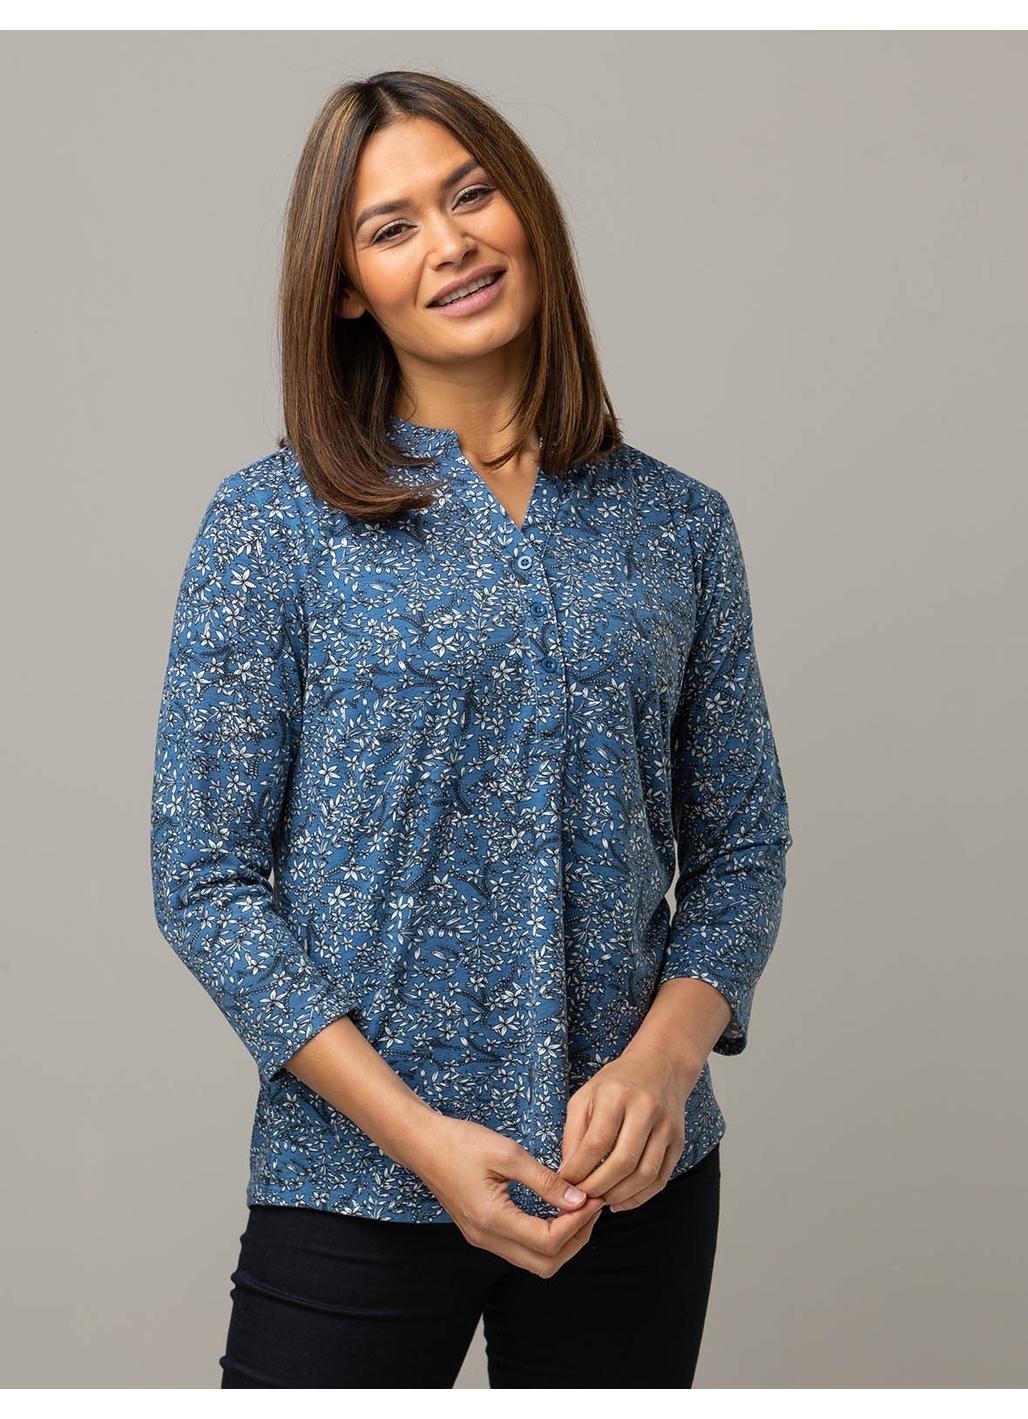 Celia Long Sleeve Floral Top in Blue